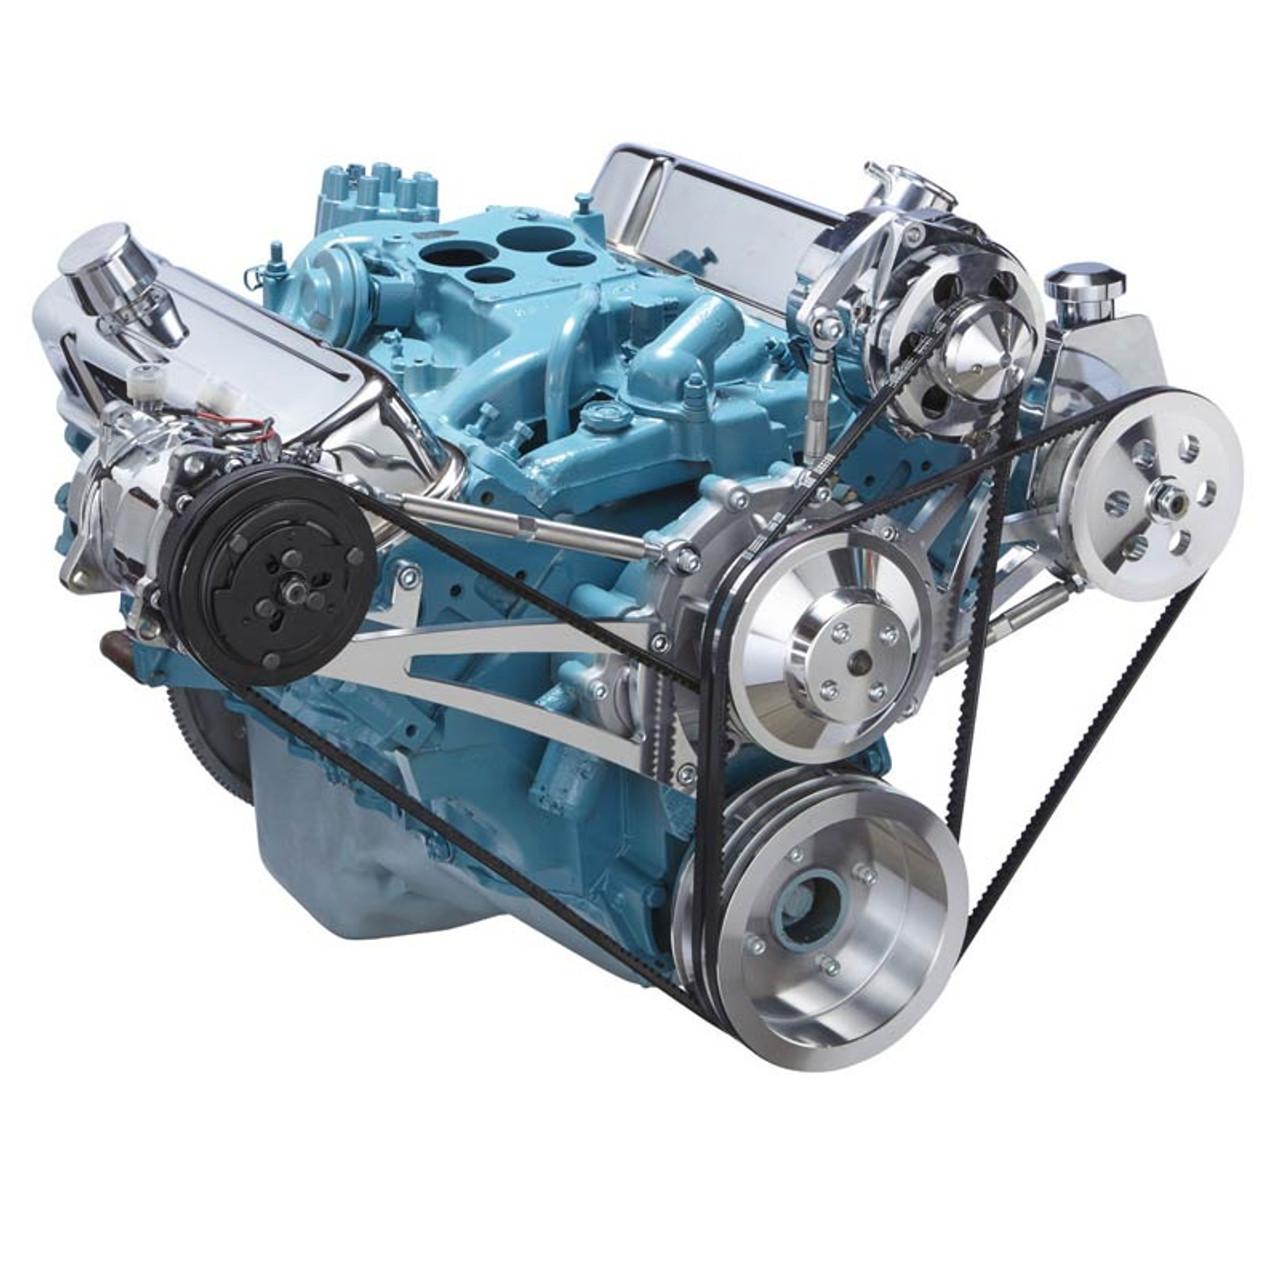 Grand Prix Motor Mounts On 2004 Pontiac Grand Am V6 Engine Diagram